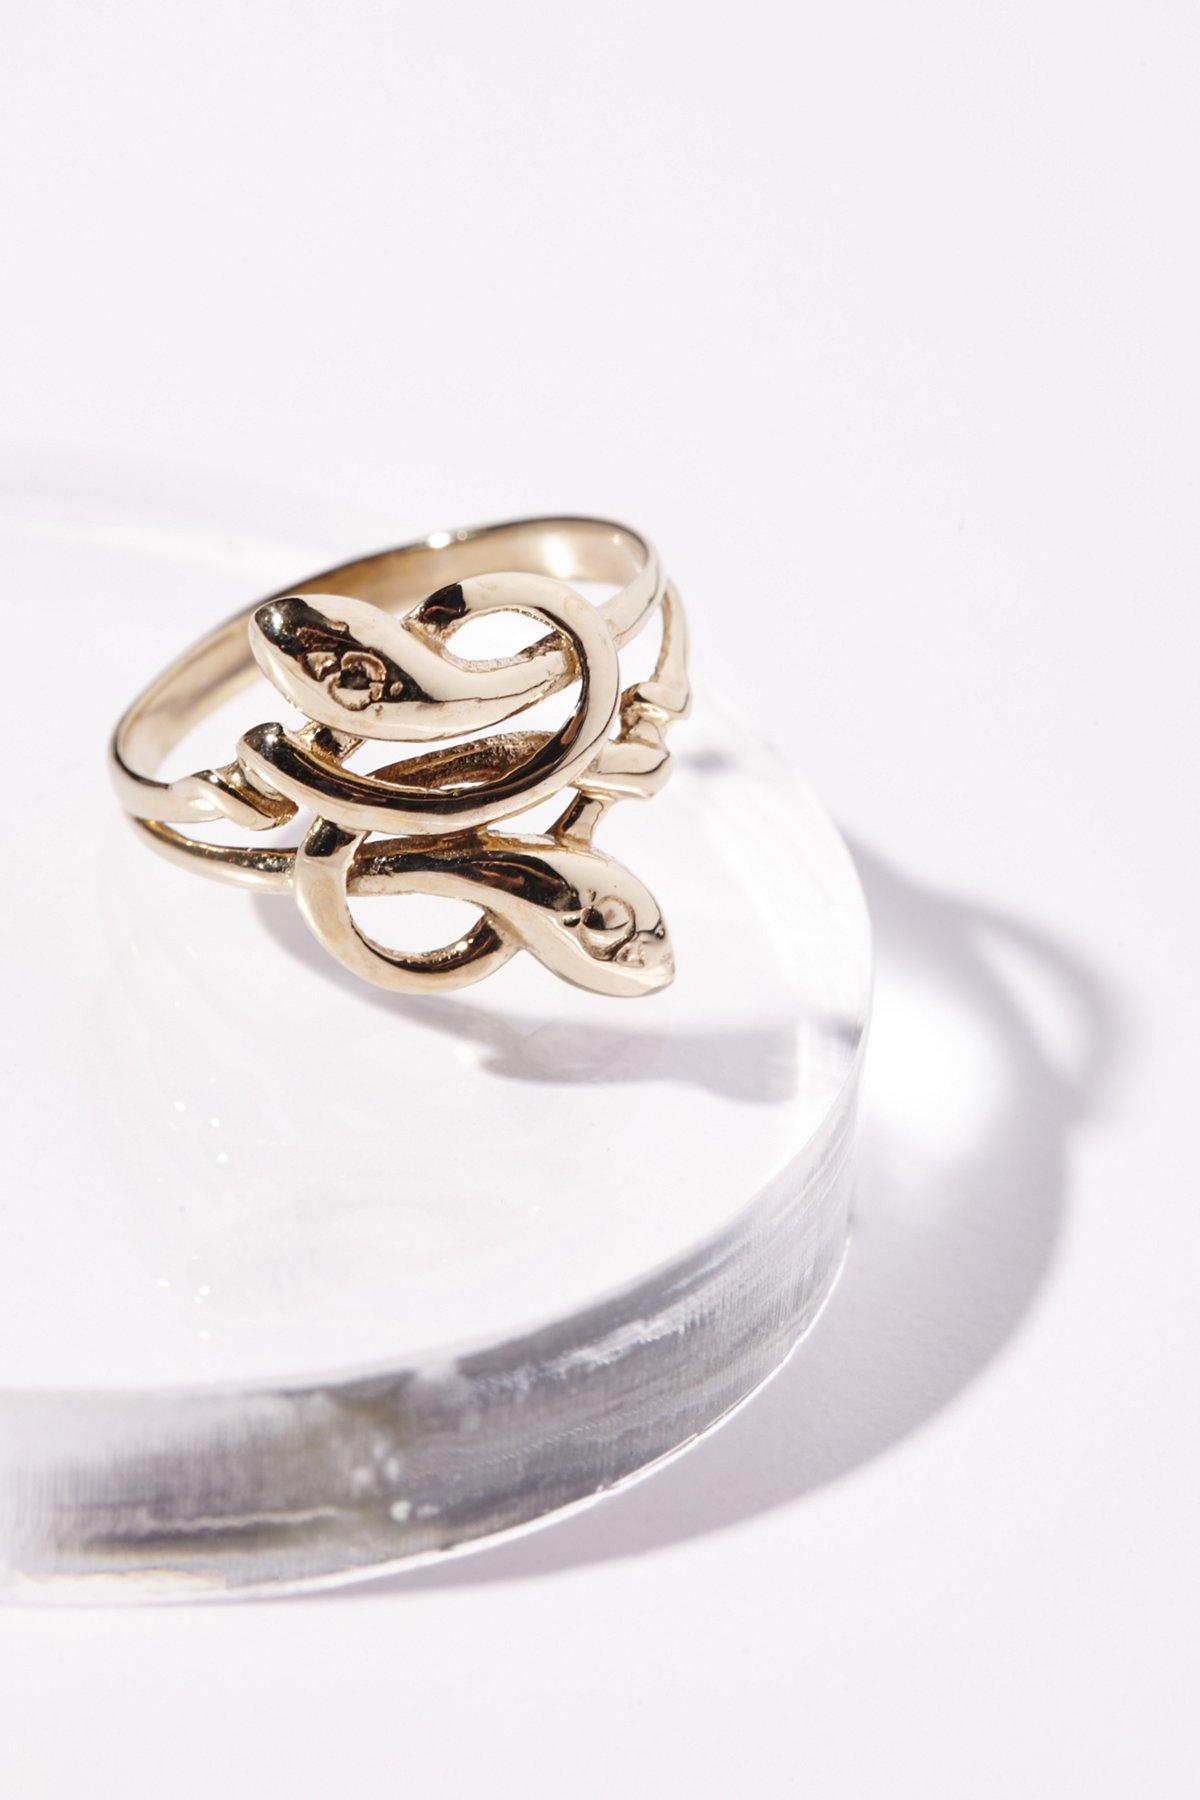 10k金Love Knot蛇形戒指